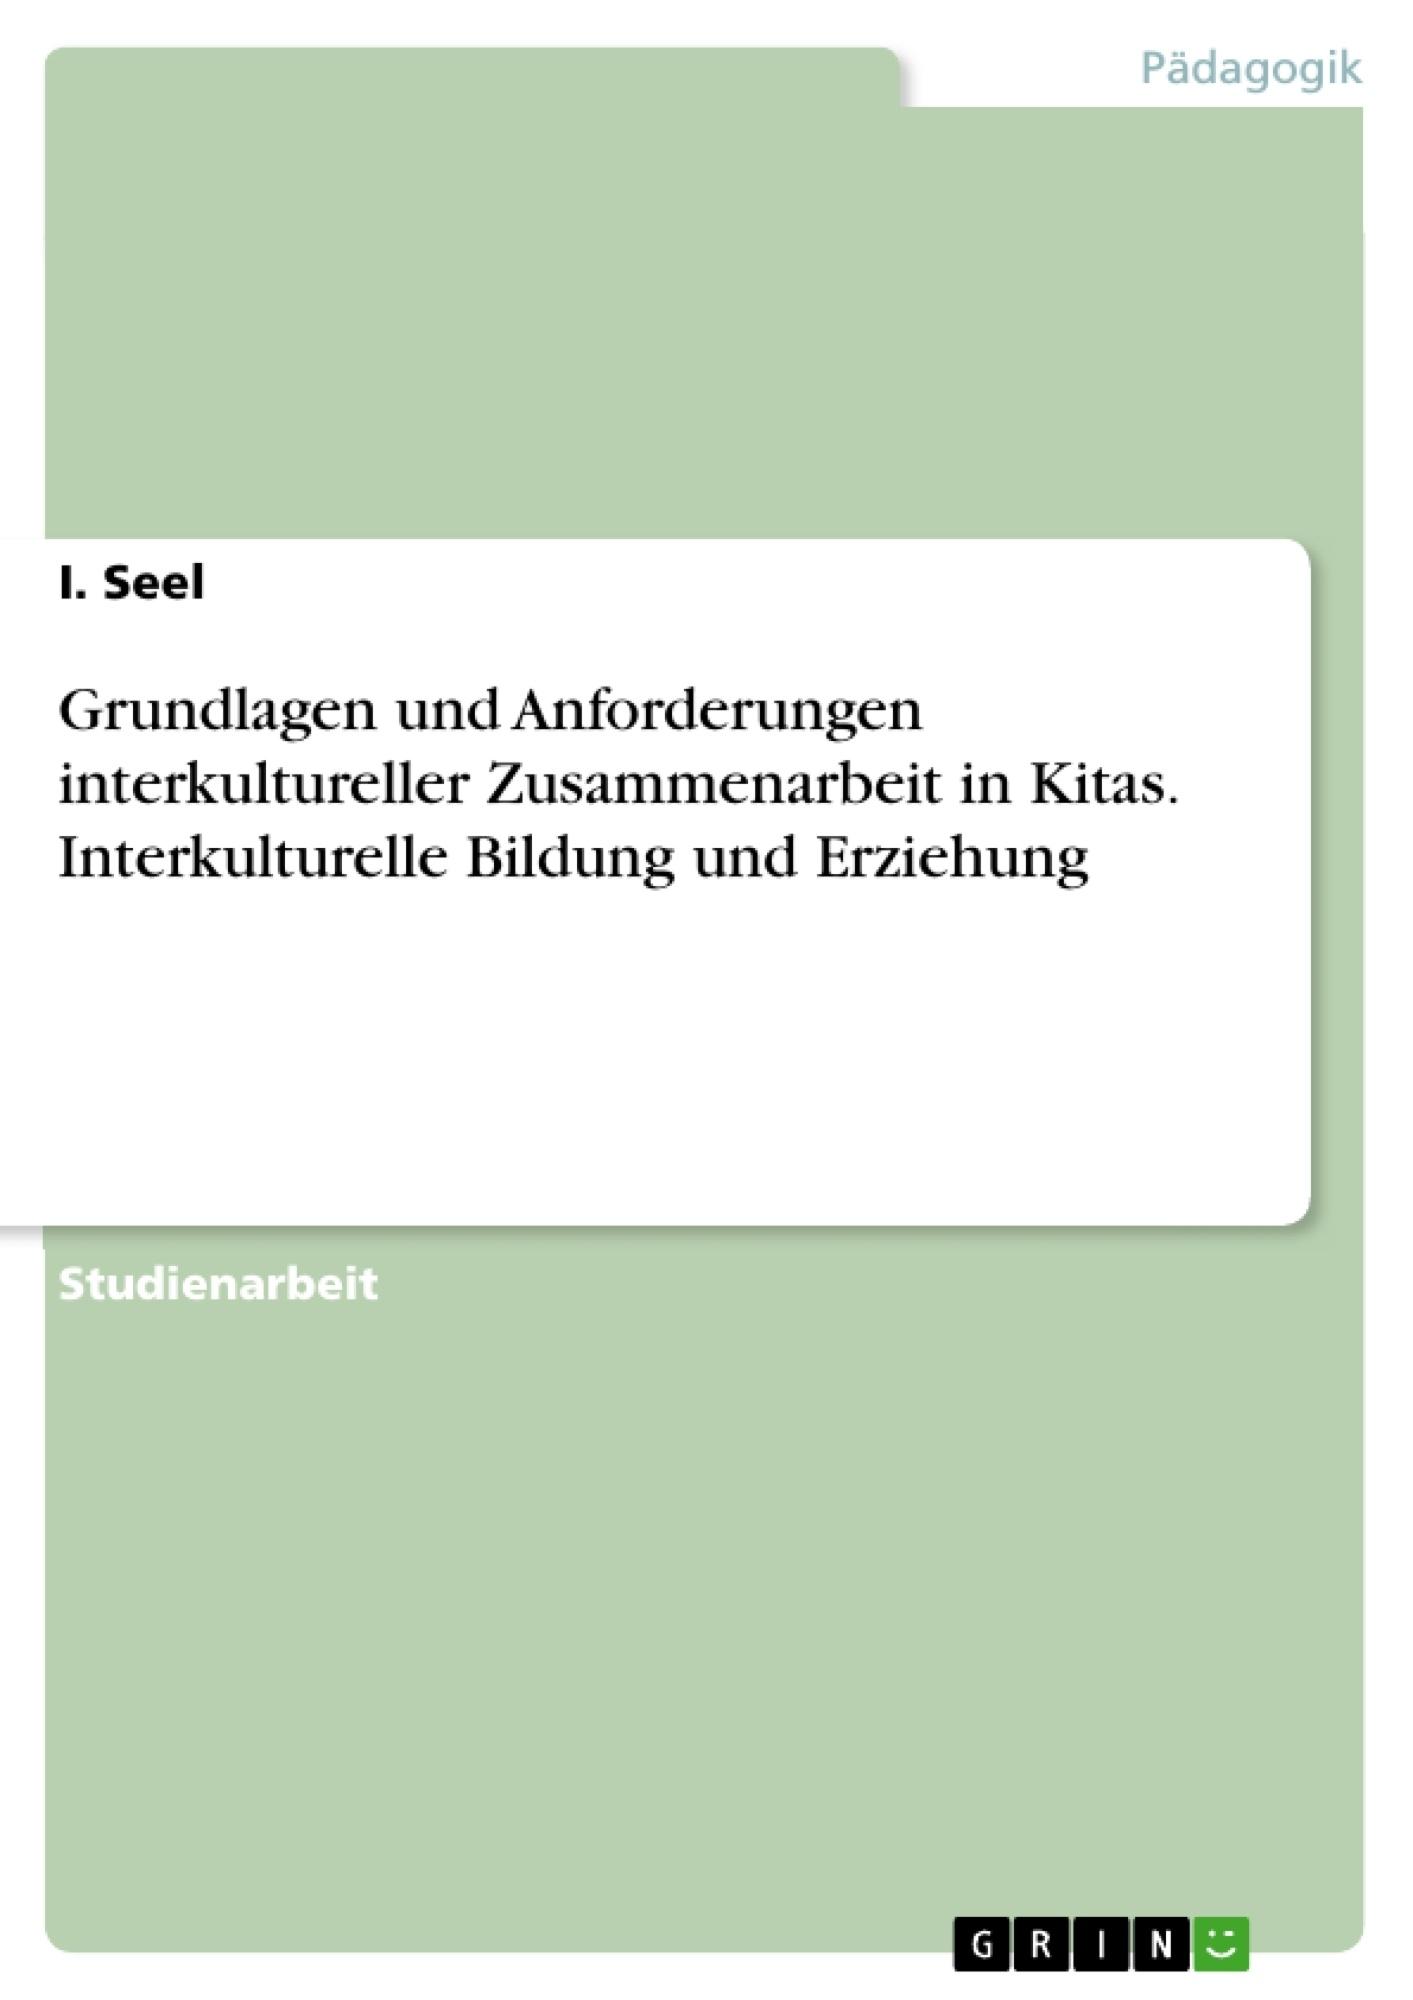 Titel: Grundlagen und Anforderungen interkultureller Zusammenarbeit in Kitas. Interkulturelle Bildung und Erziehung